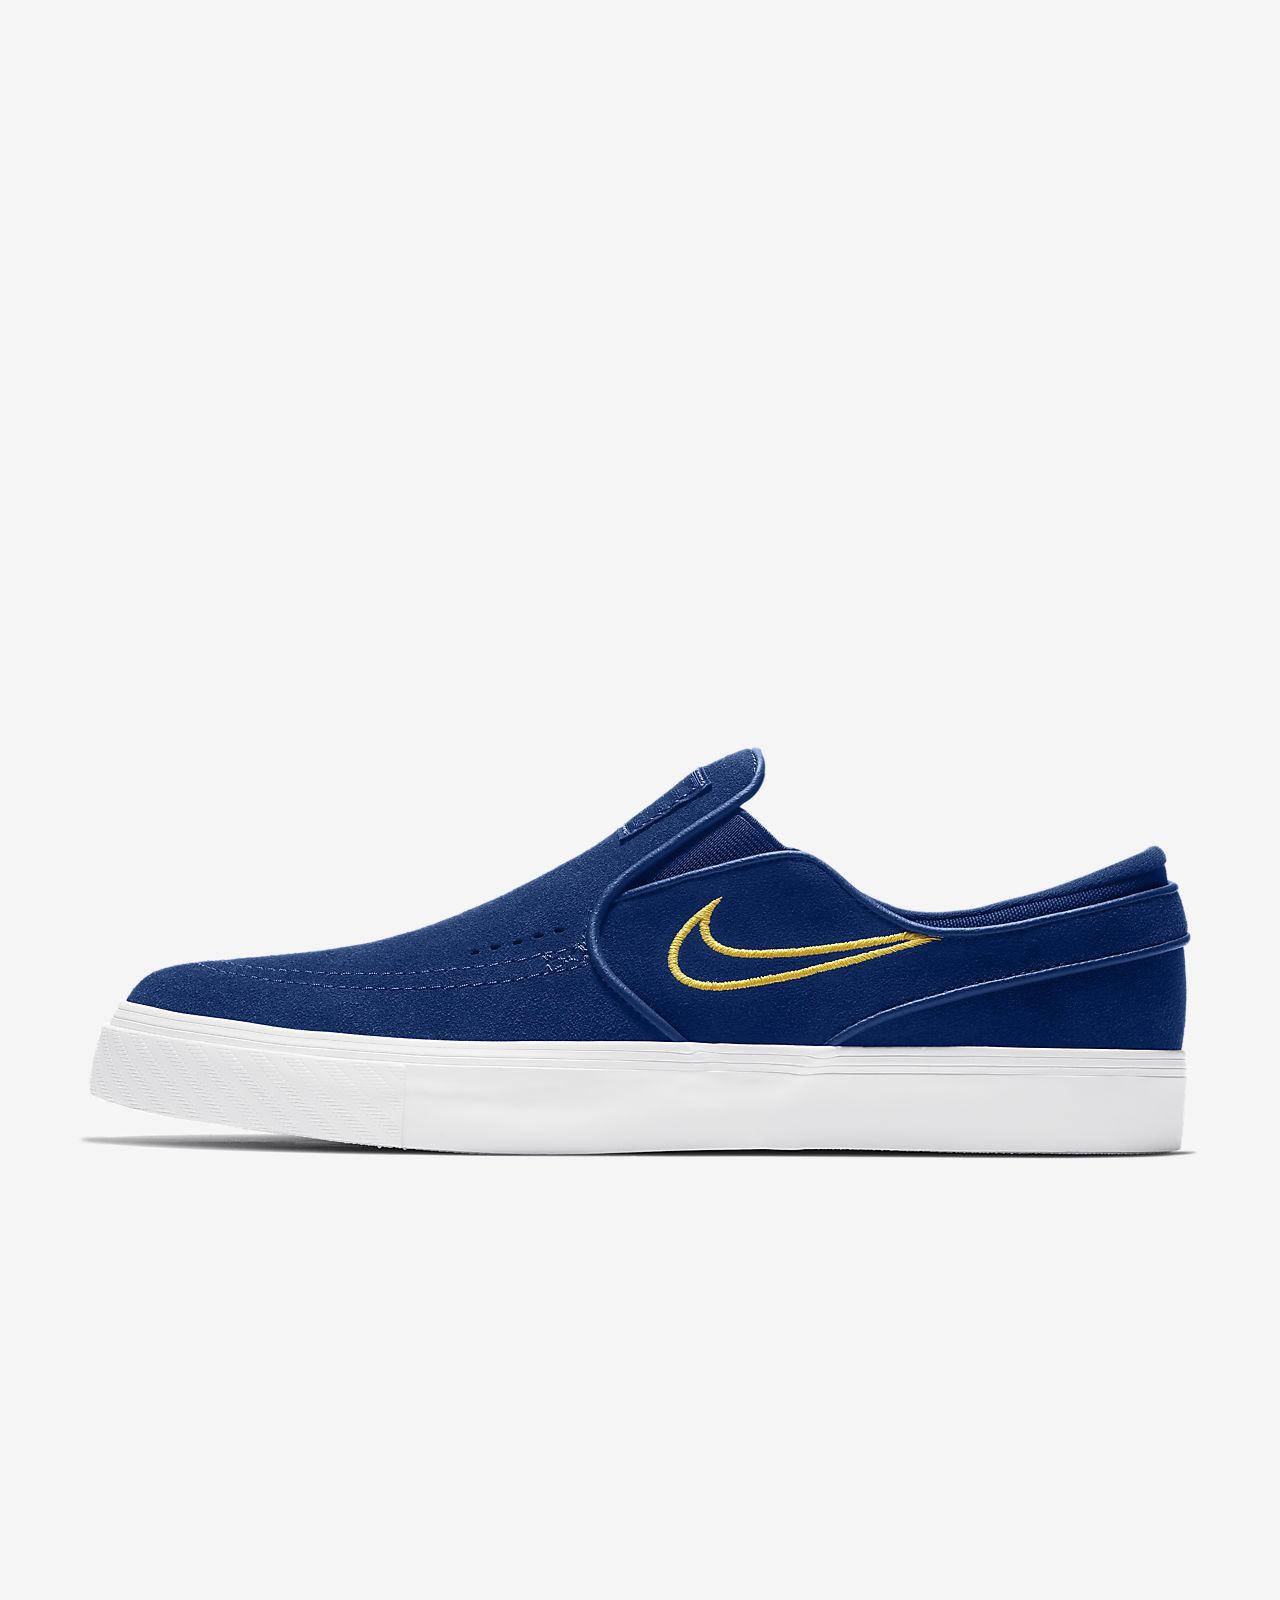 Chaussure de skateboard Nike SB Zoom Stefan Janoski Slip-On pour Homme